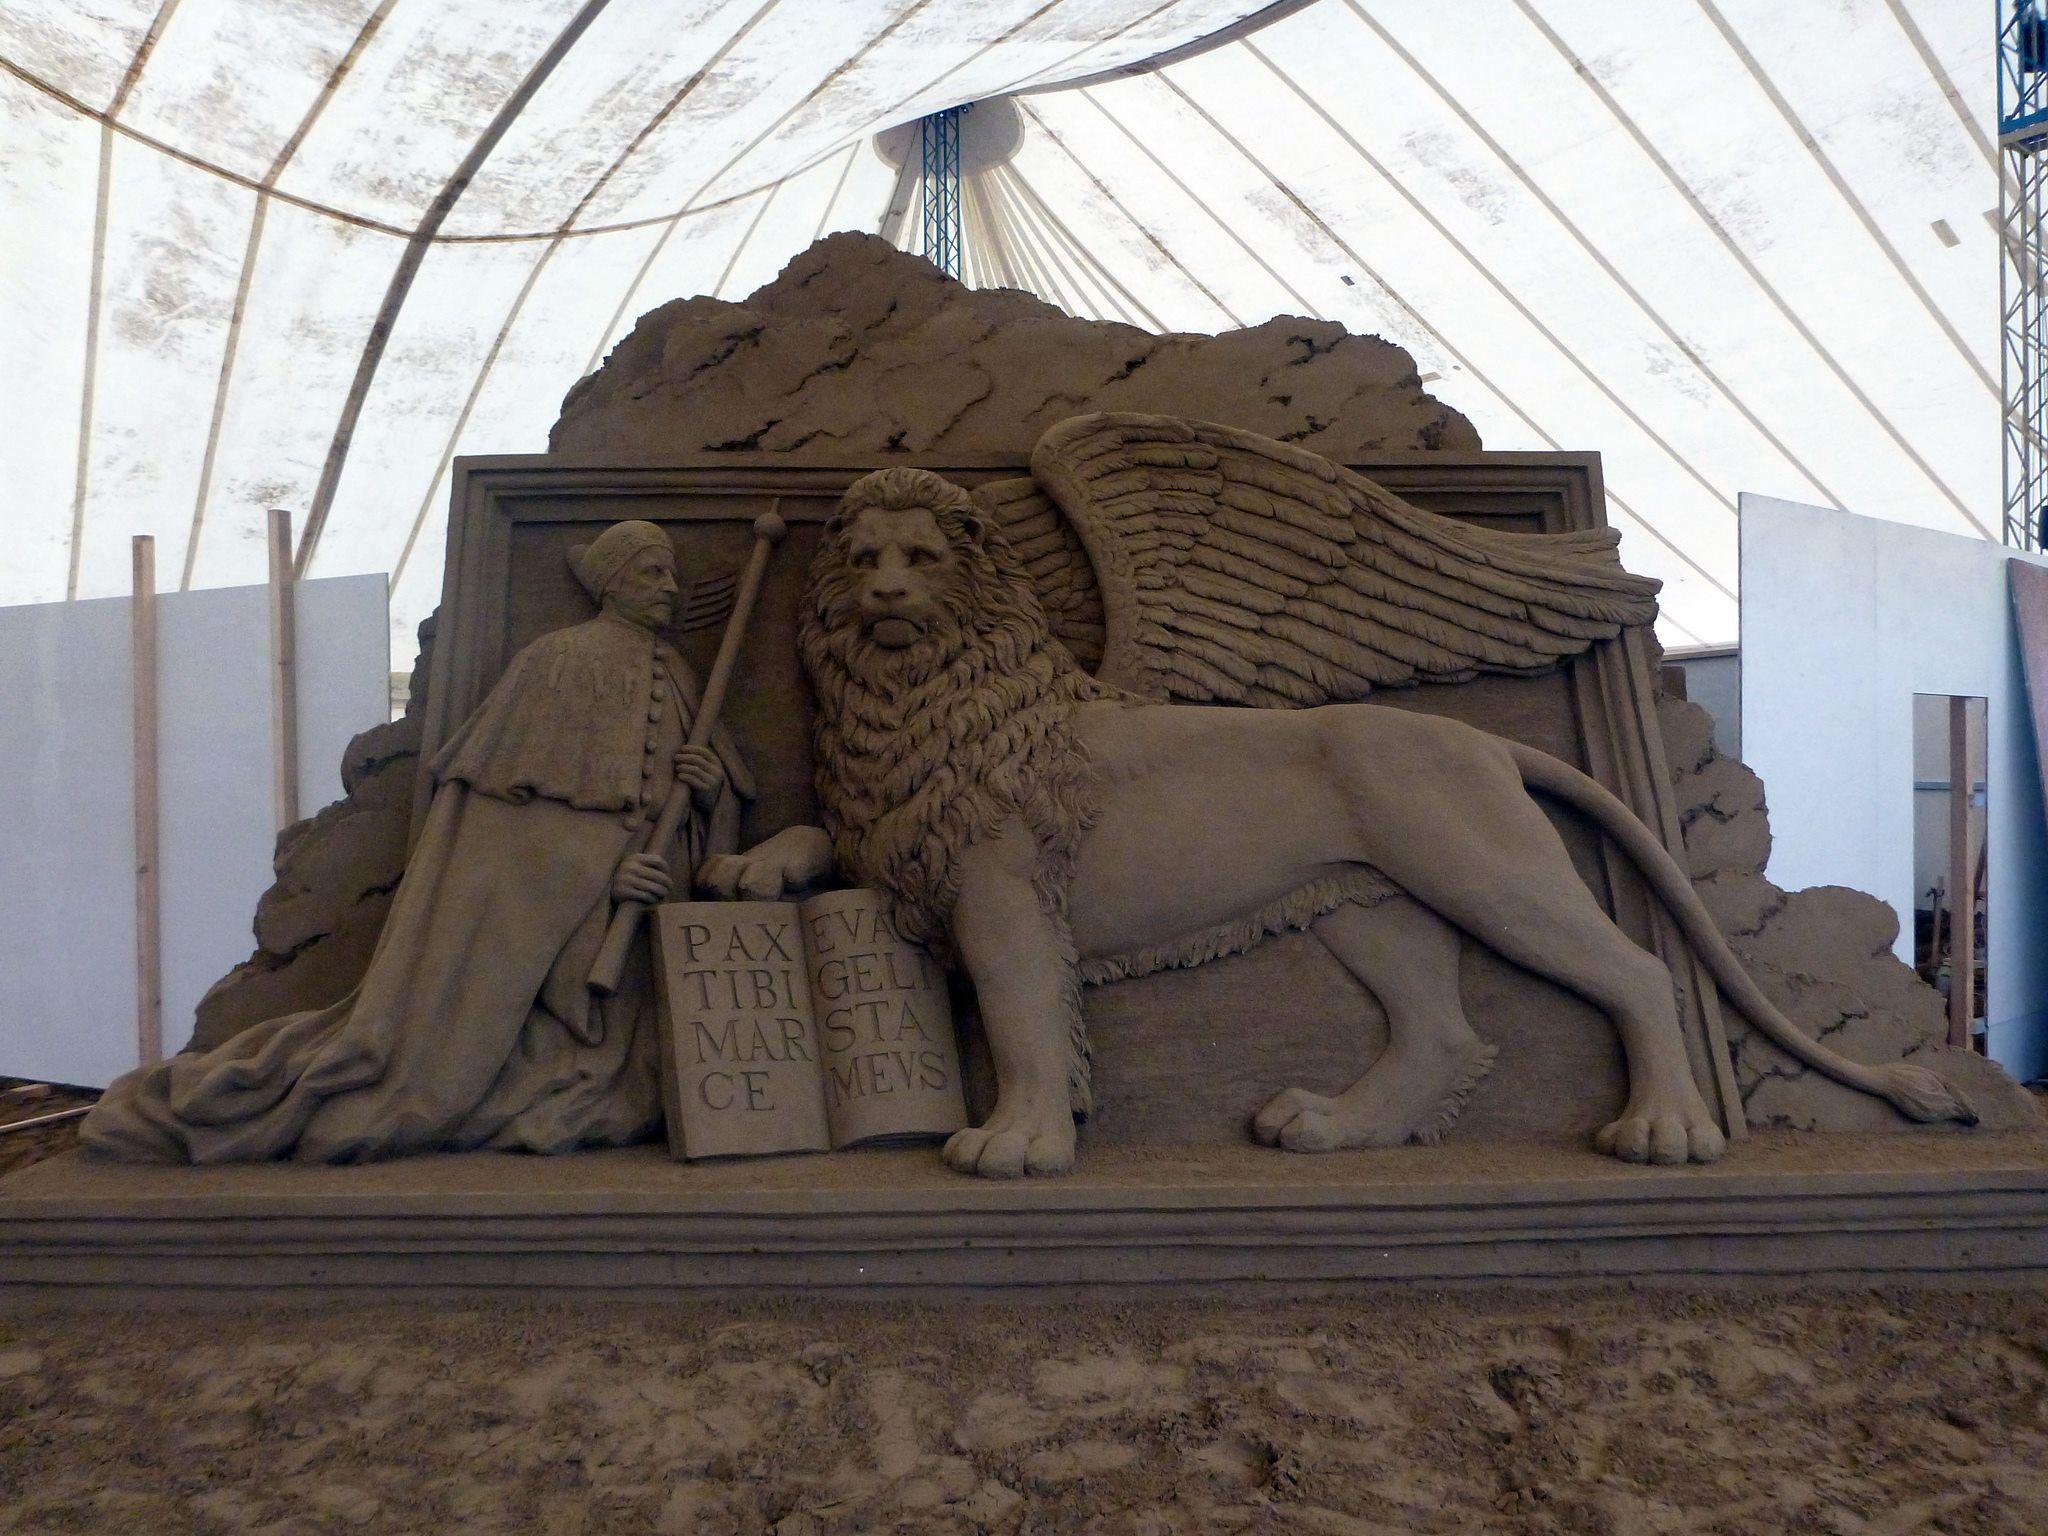 Il leone di San Marco con il Doge - Sand sculpture by Susanne Ruseler. Jesolo, Italy, 2012.